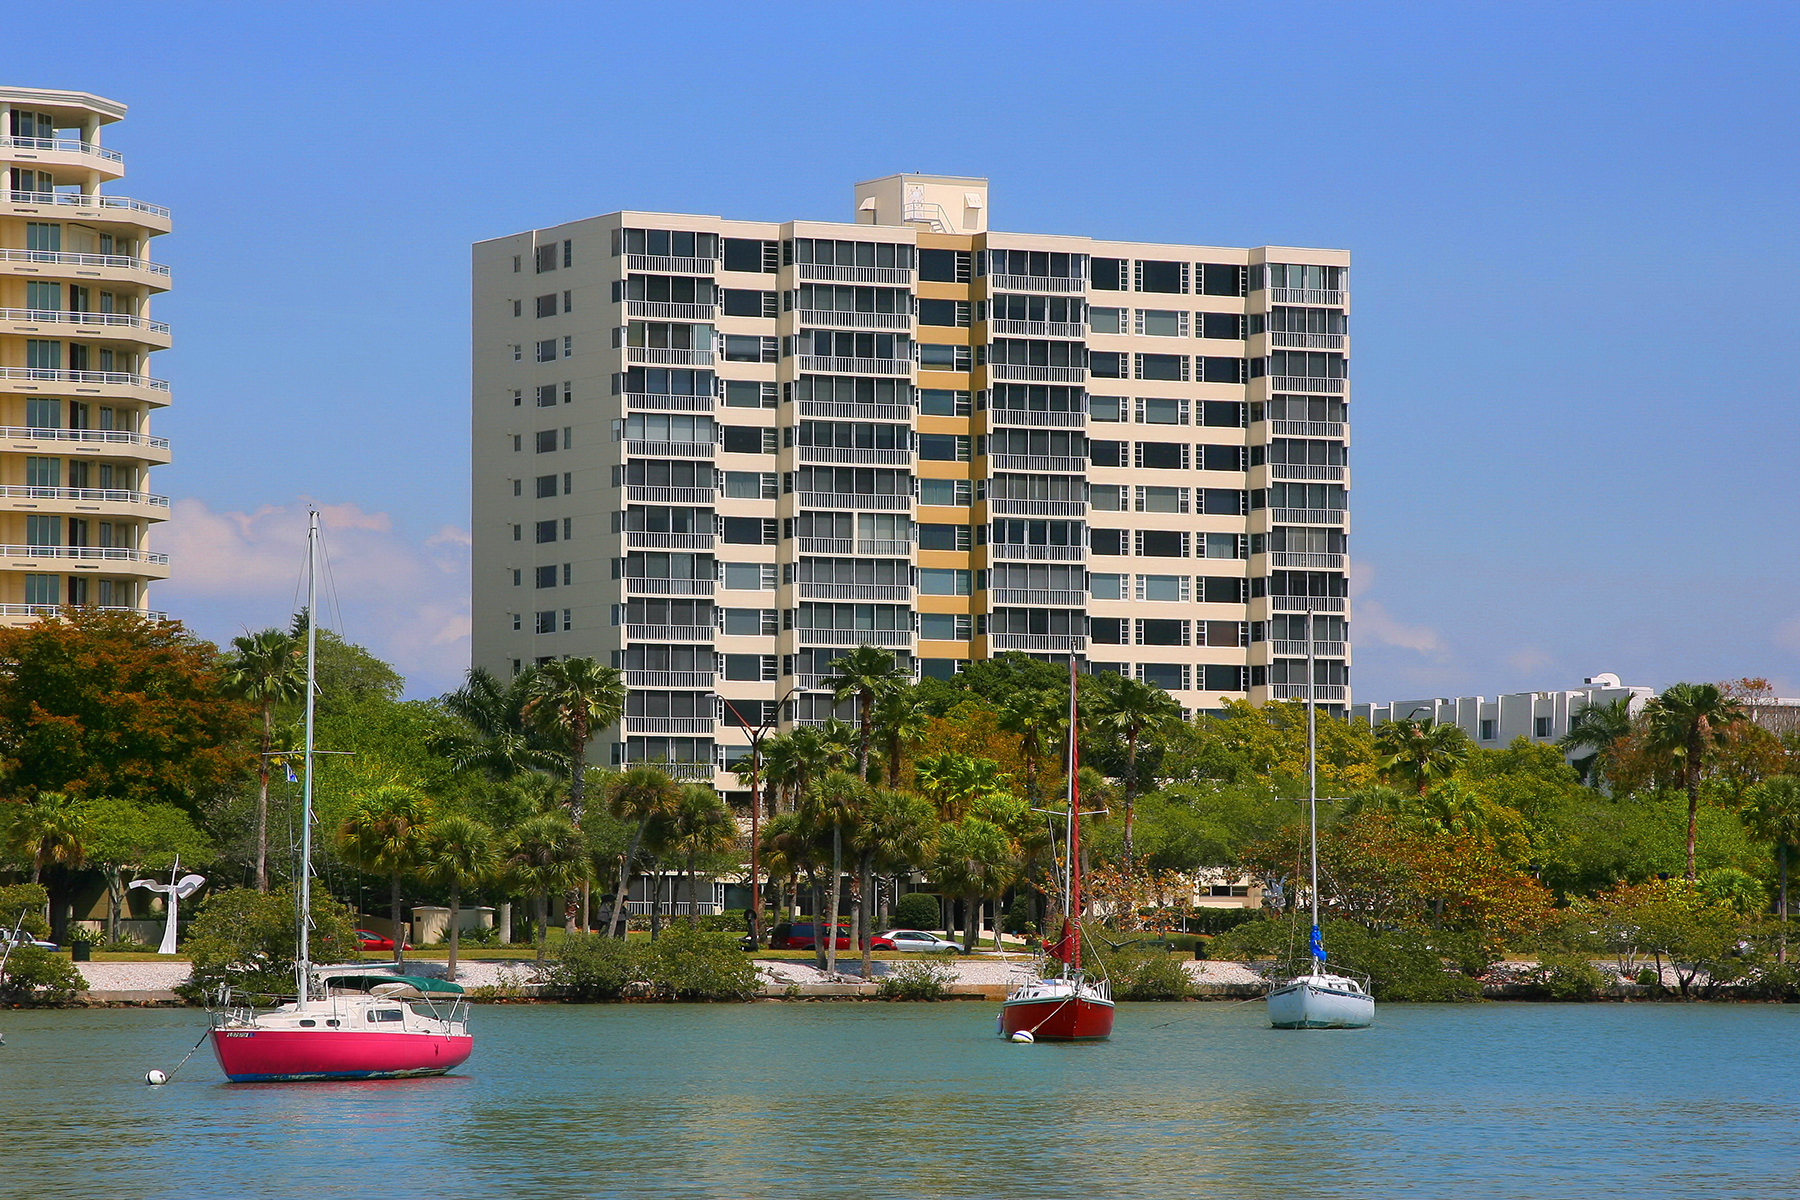 共管式独立产权公寓 为 销售 在 ROYAL ST. ANDREW 555 S Gulfstream Ave 203, 萨拉索塔, 佛罗里达州, 34236 美国